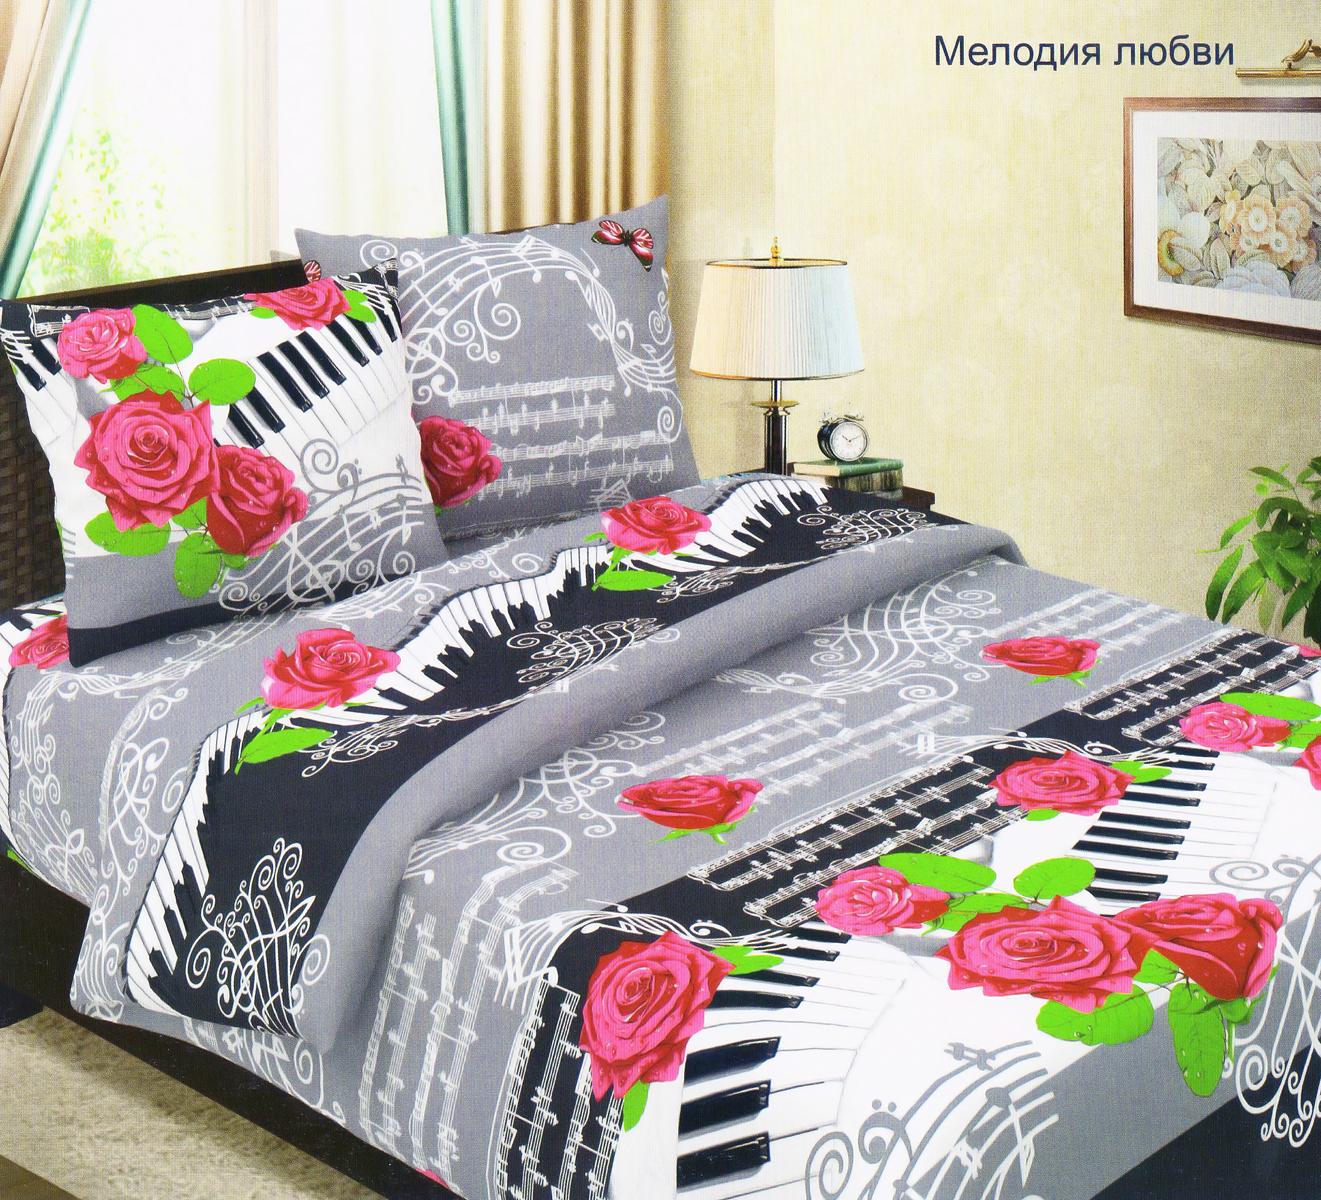 Комплект постельного белья Мелодия любвиБязь<br><br><br>Размер: 2 спальный